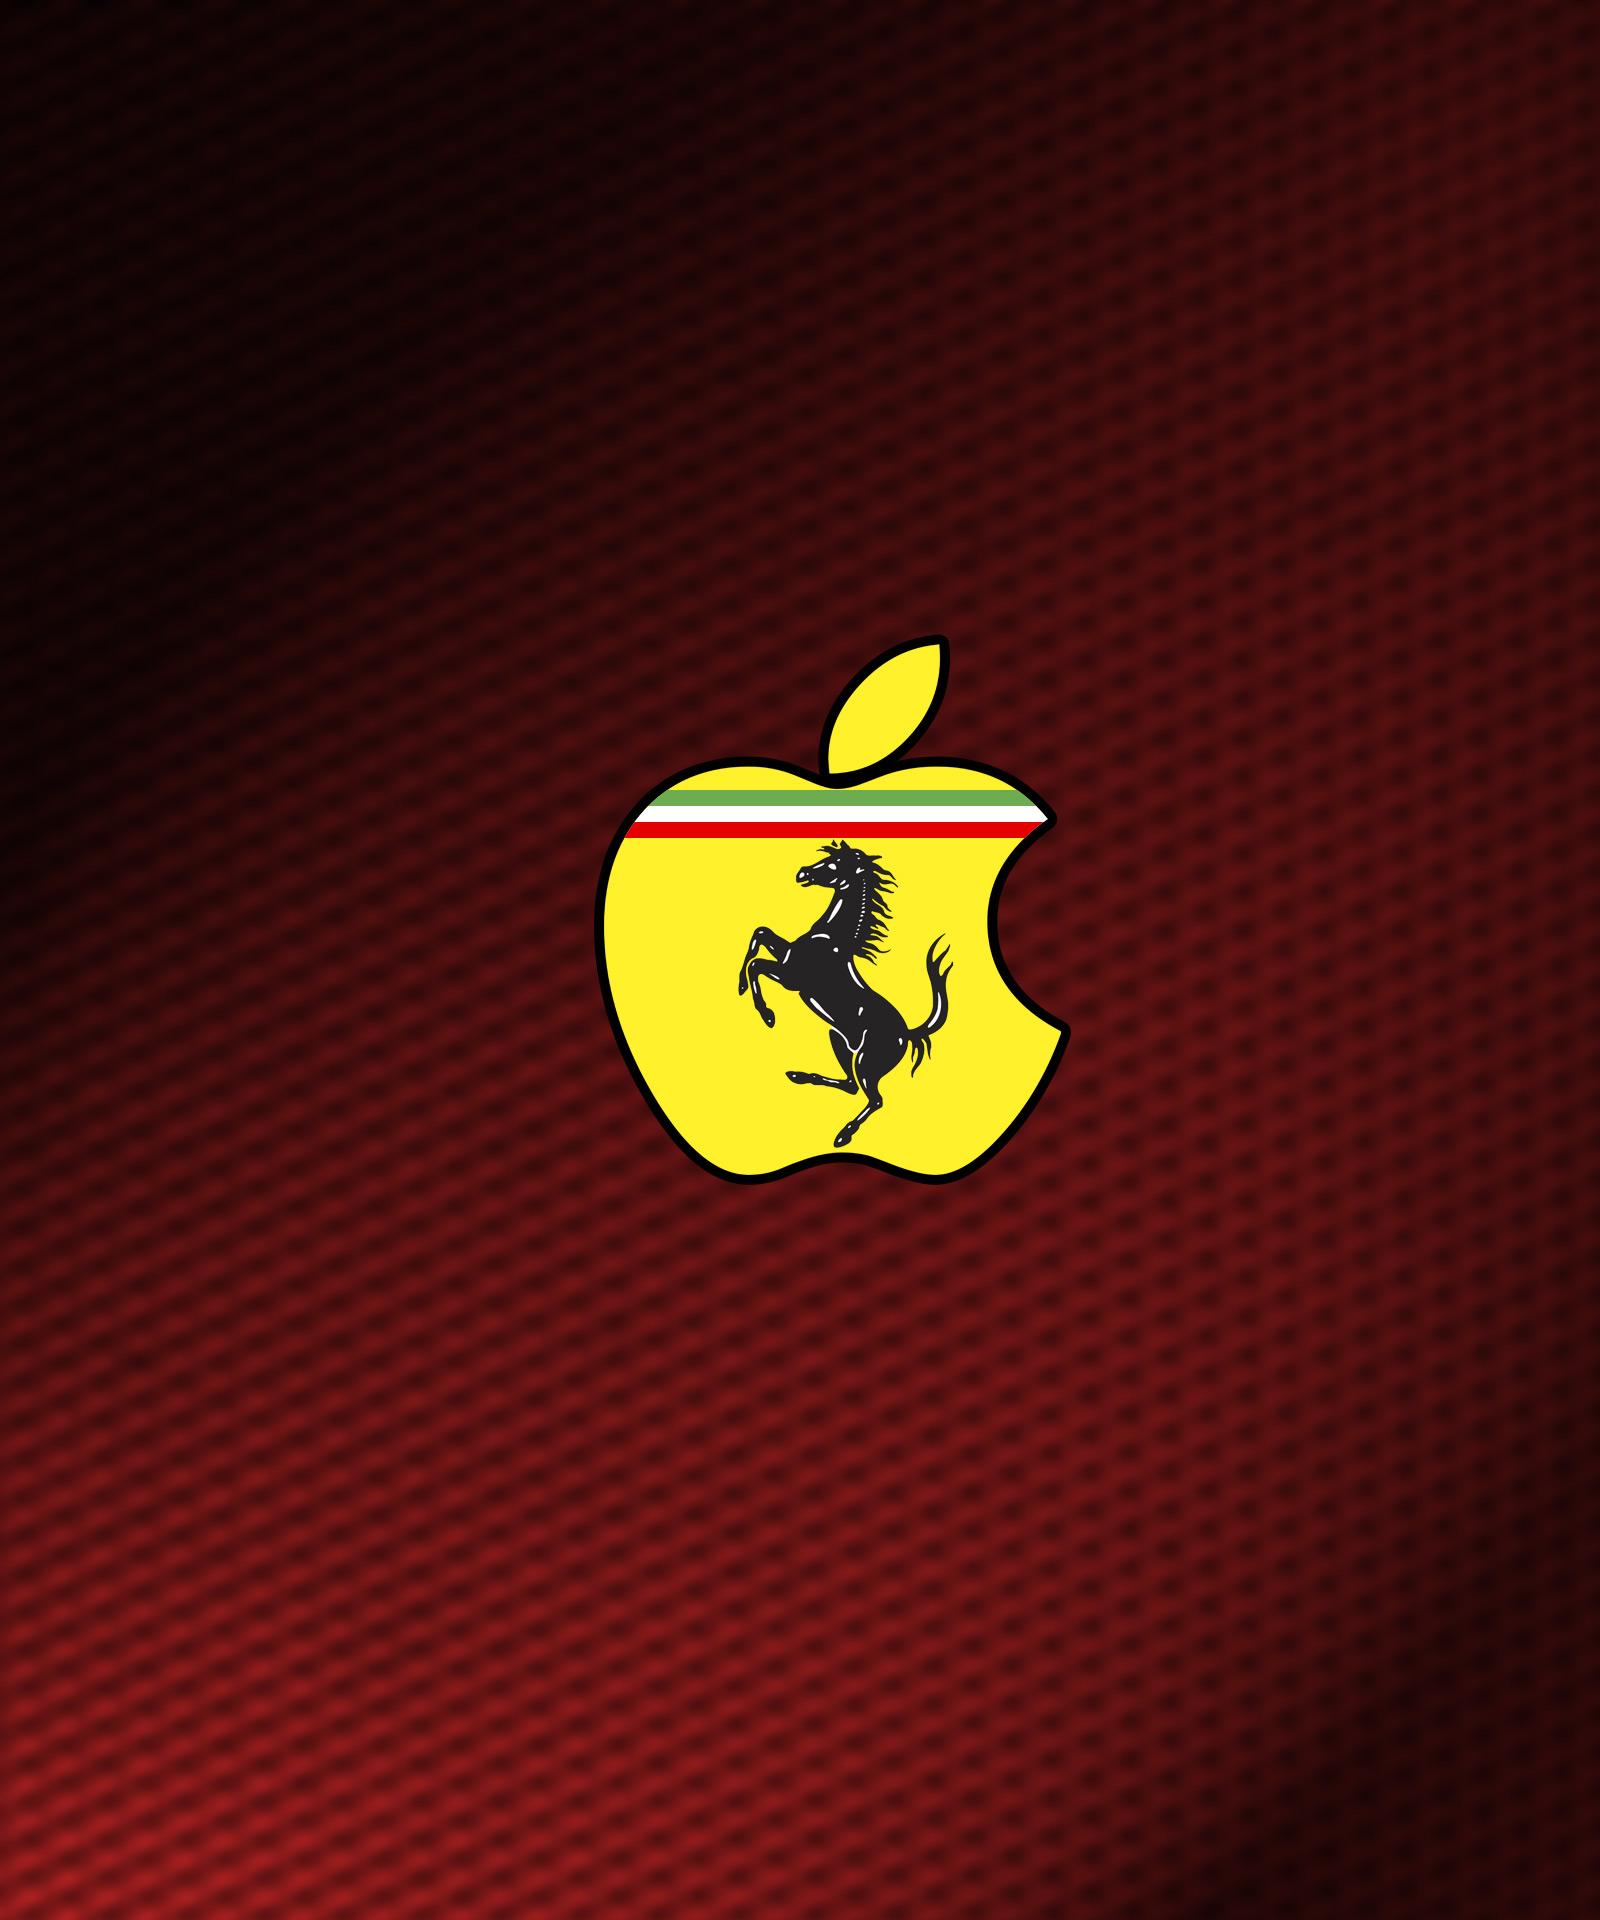 Ferrari Apple iPad Wallpaper ipadflavacom 1600x1920